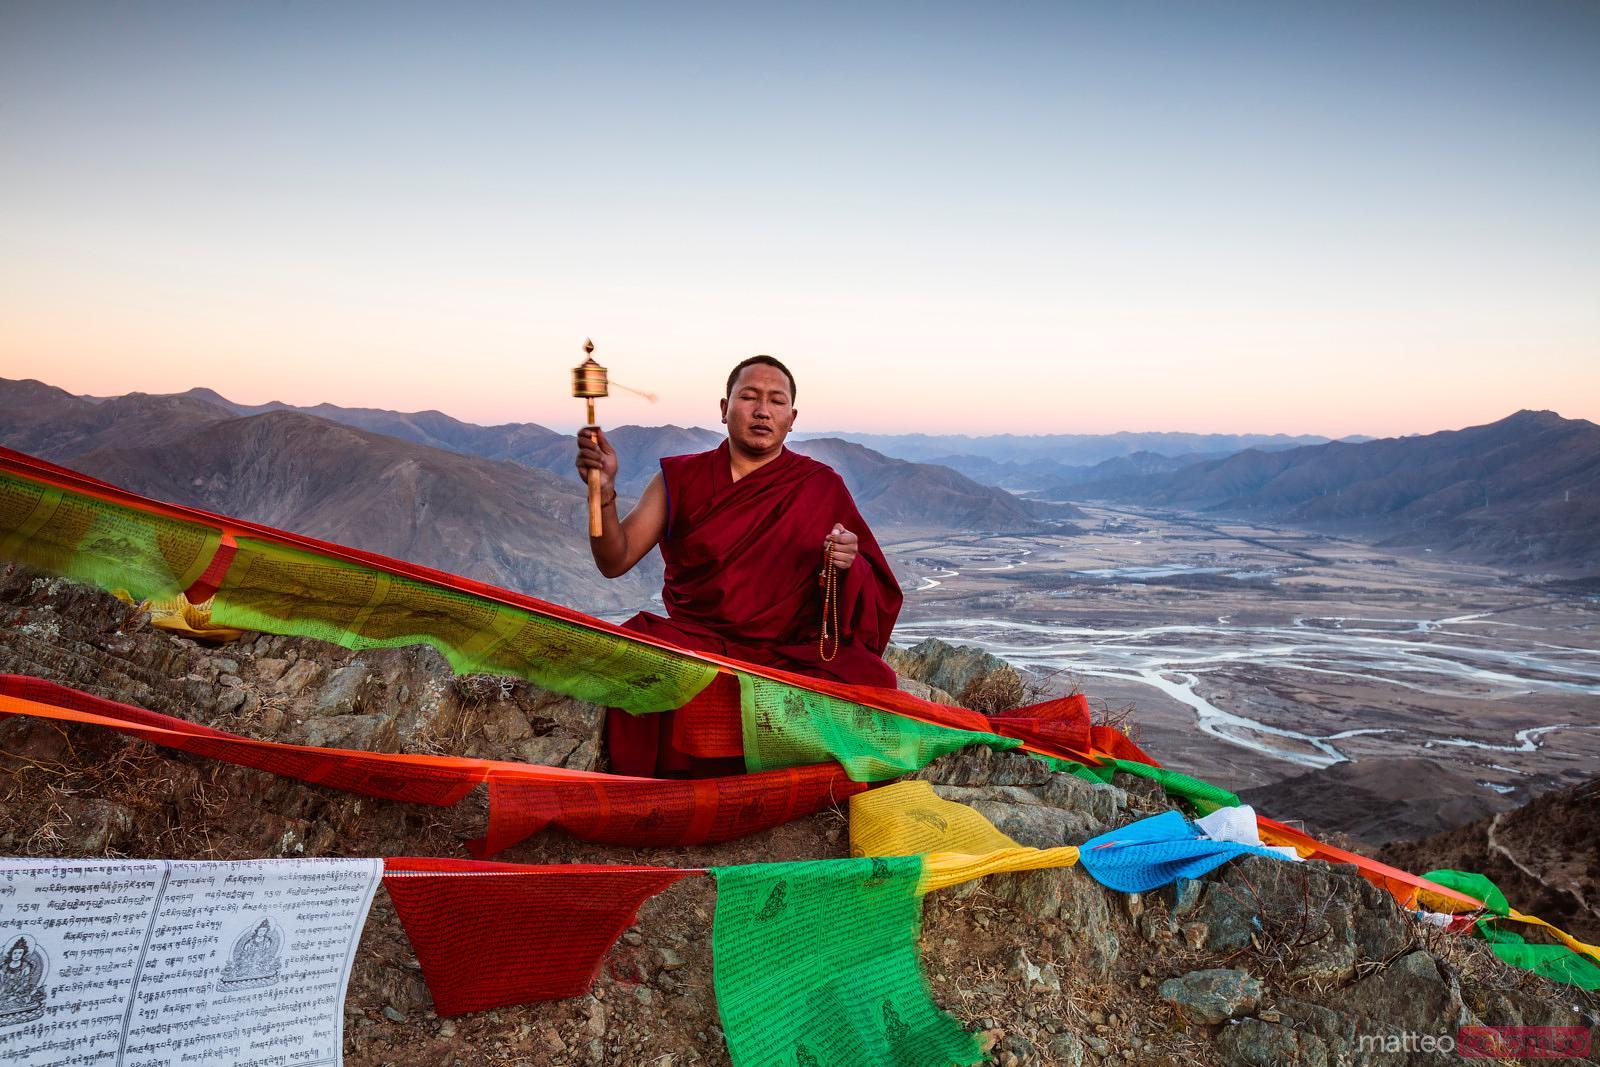 Matteo Colombo Travel Photography | Buddhist monk praying ...